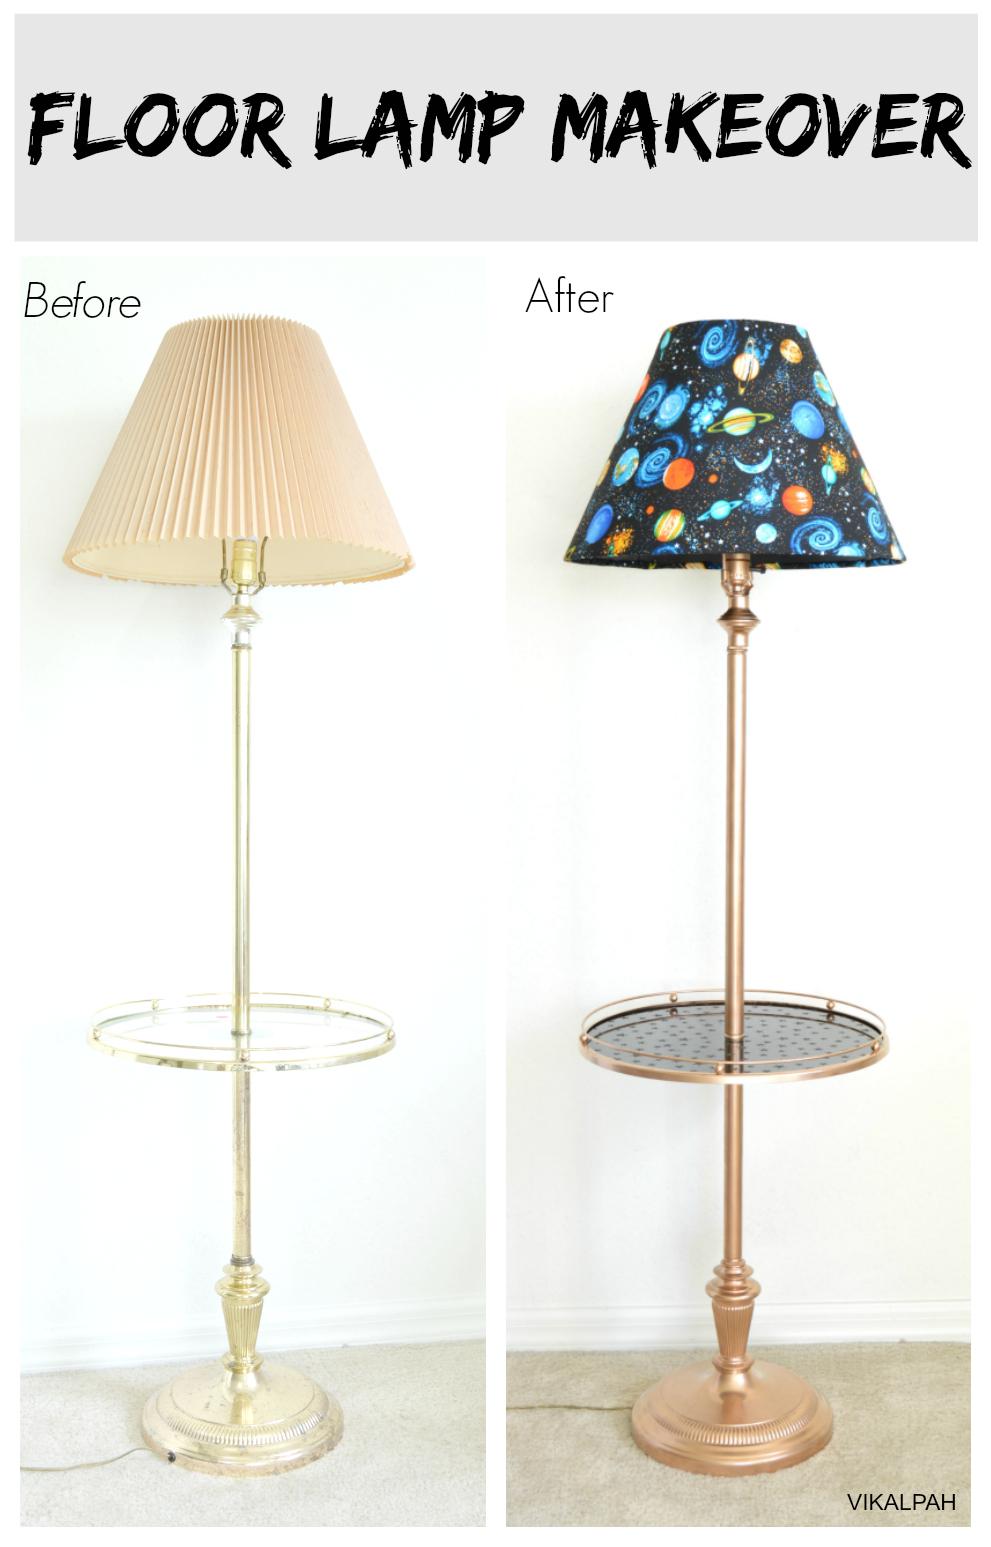 Vikalpah: Floor Lamp Makeover for Diy Floor Lamp Makeover  5lp5wja